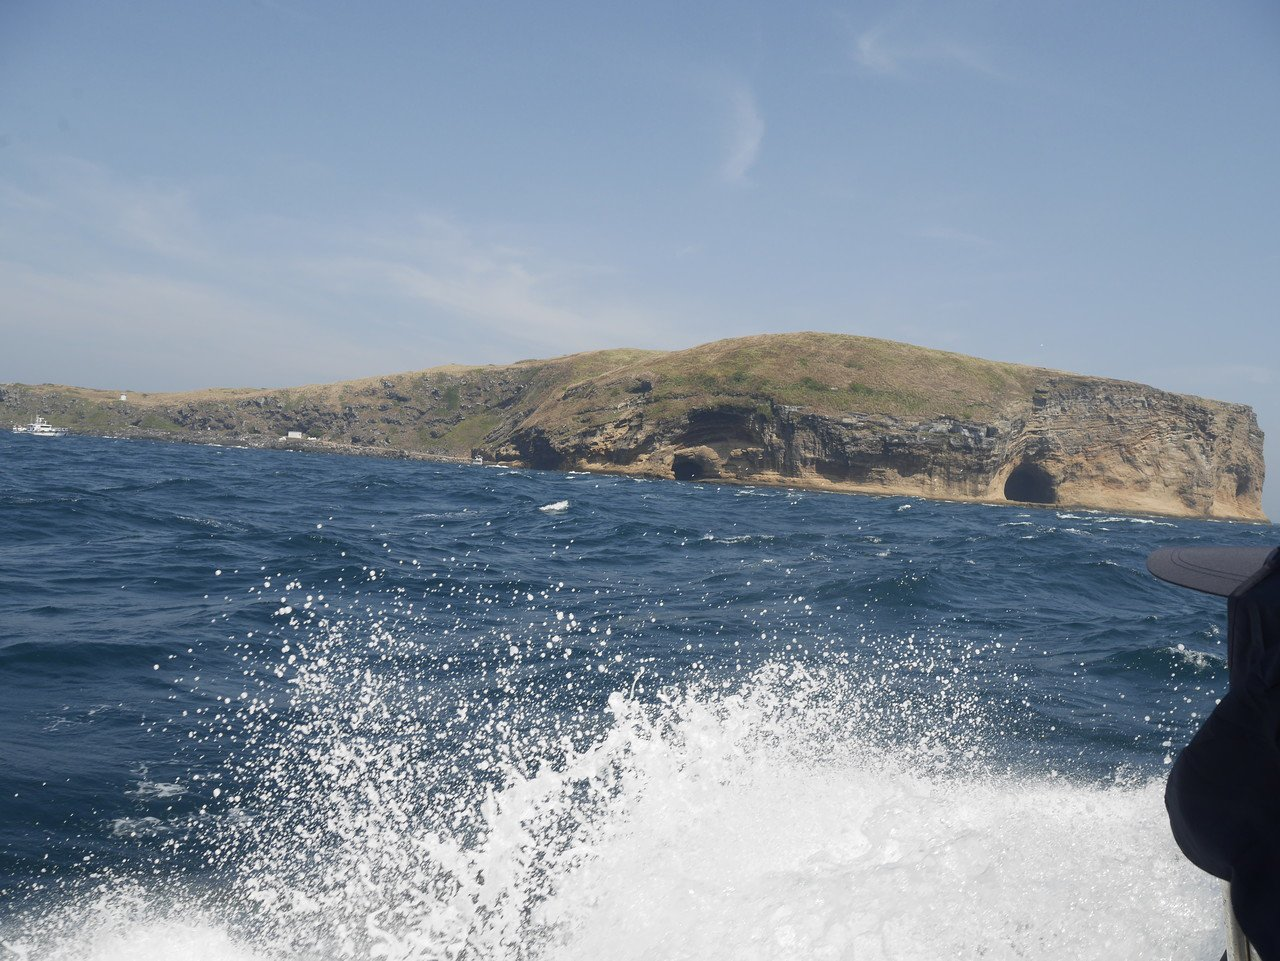 彭佳嶼碼頭簡易,大浪淘淘,船隻泊靠上岸是一大考驗。記者吳淑君/攝影